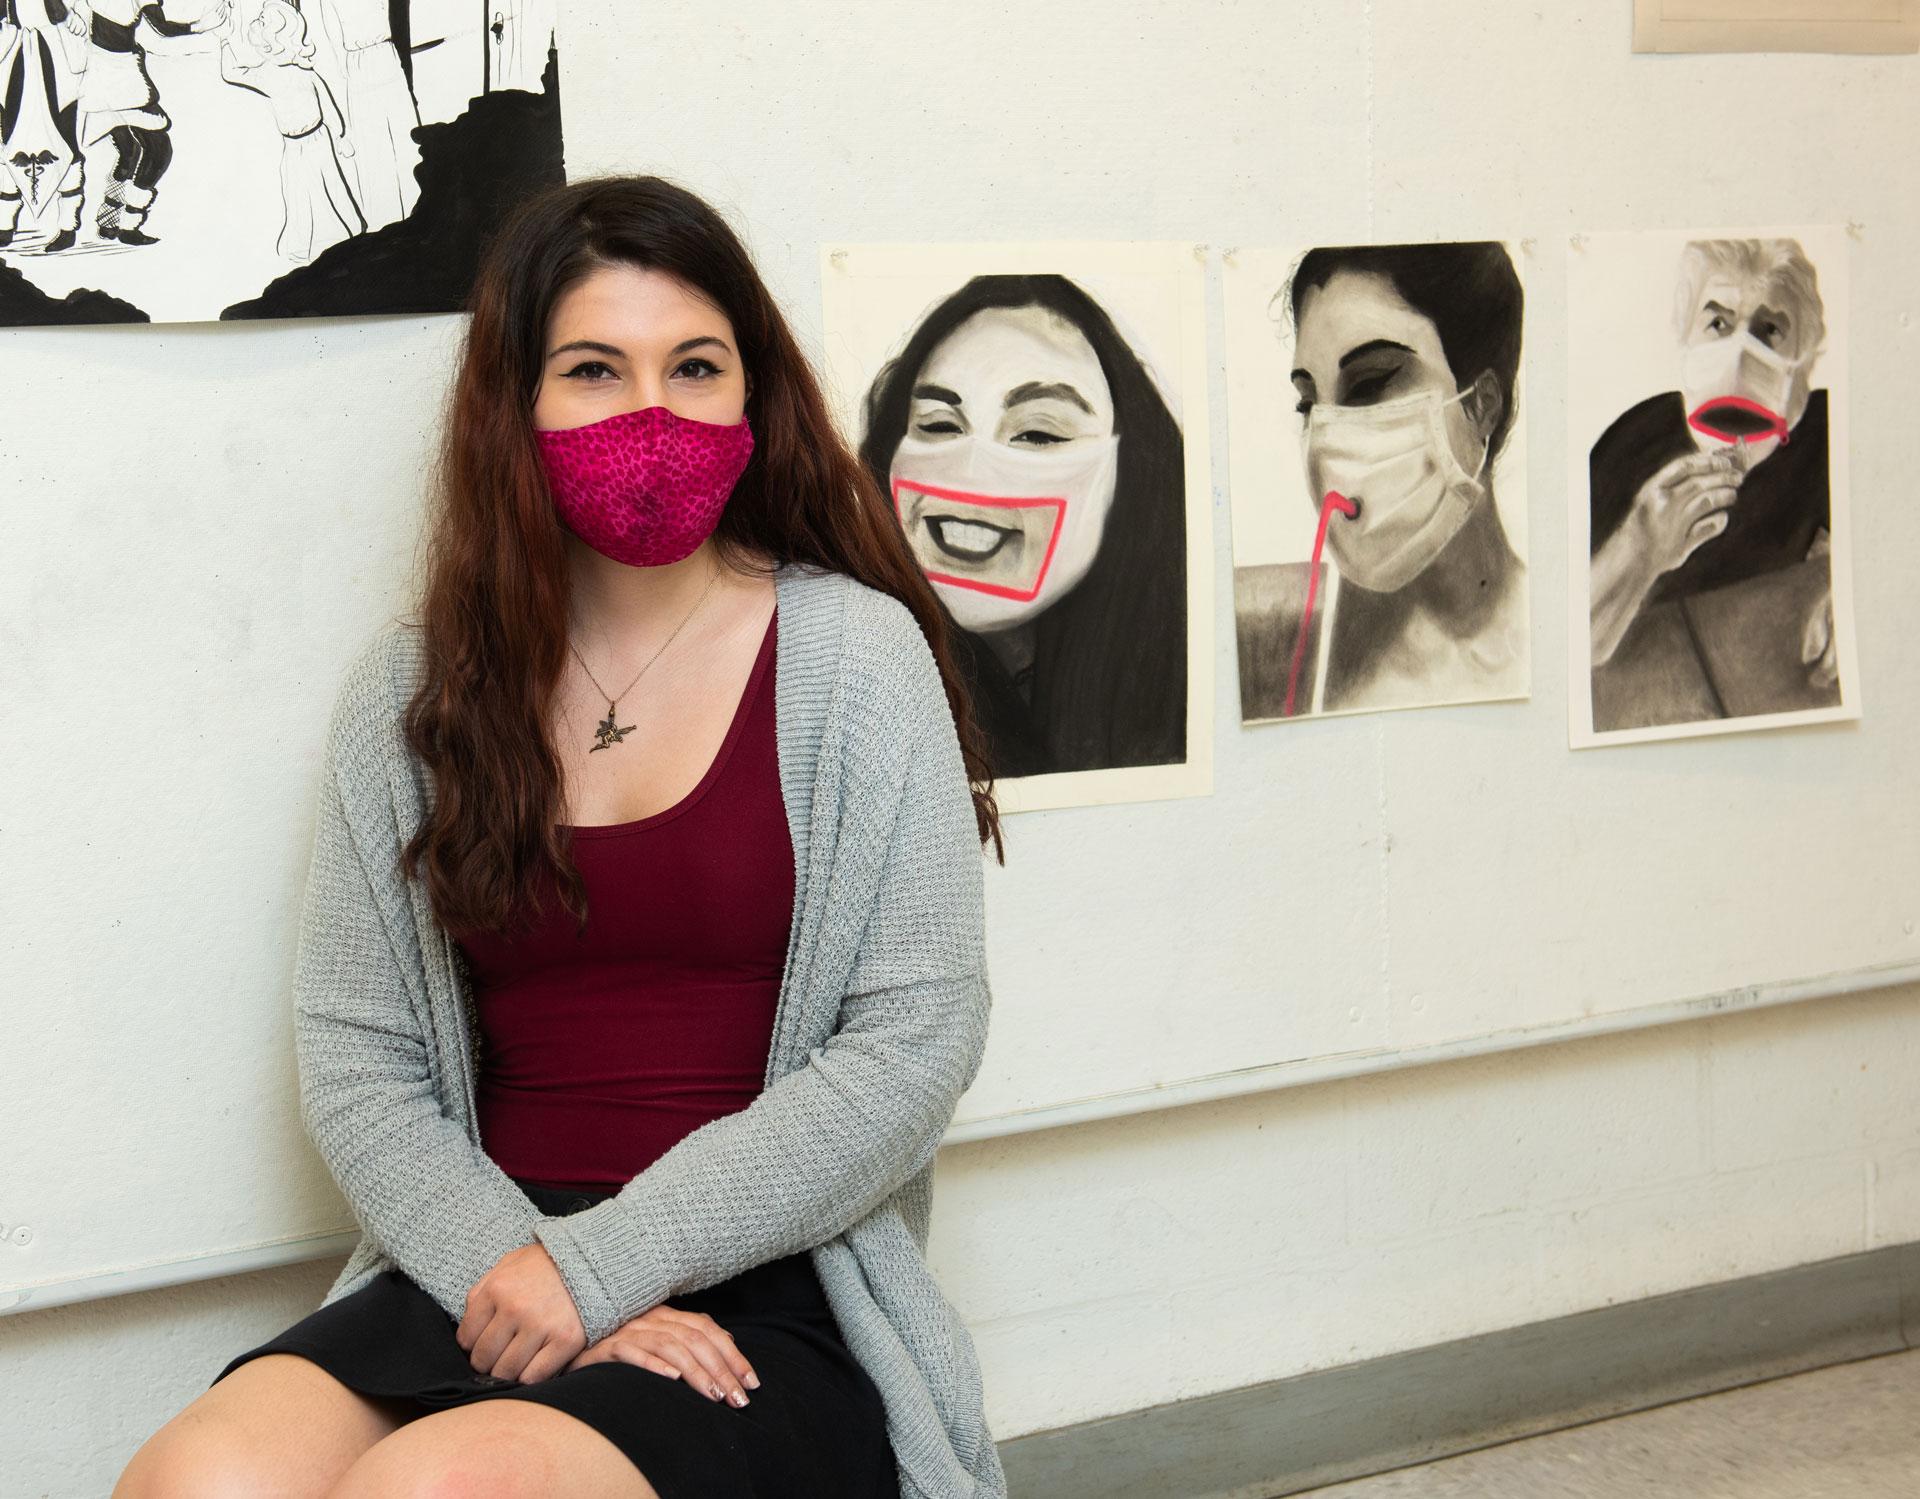 portrait of SCSU student artist Shaina Alexander with her work